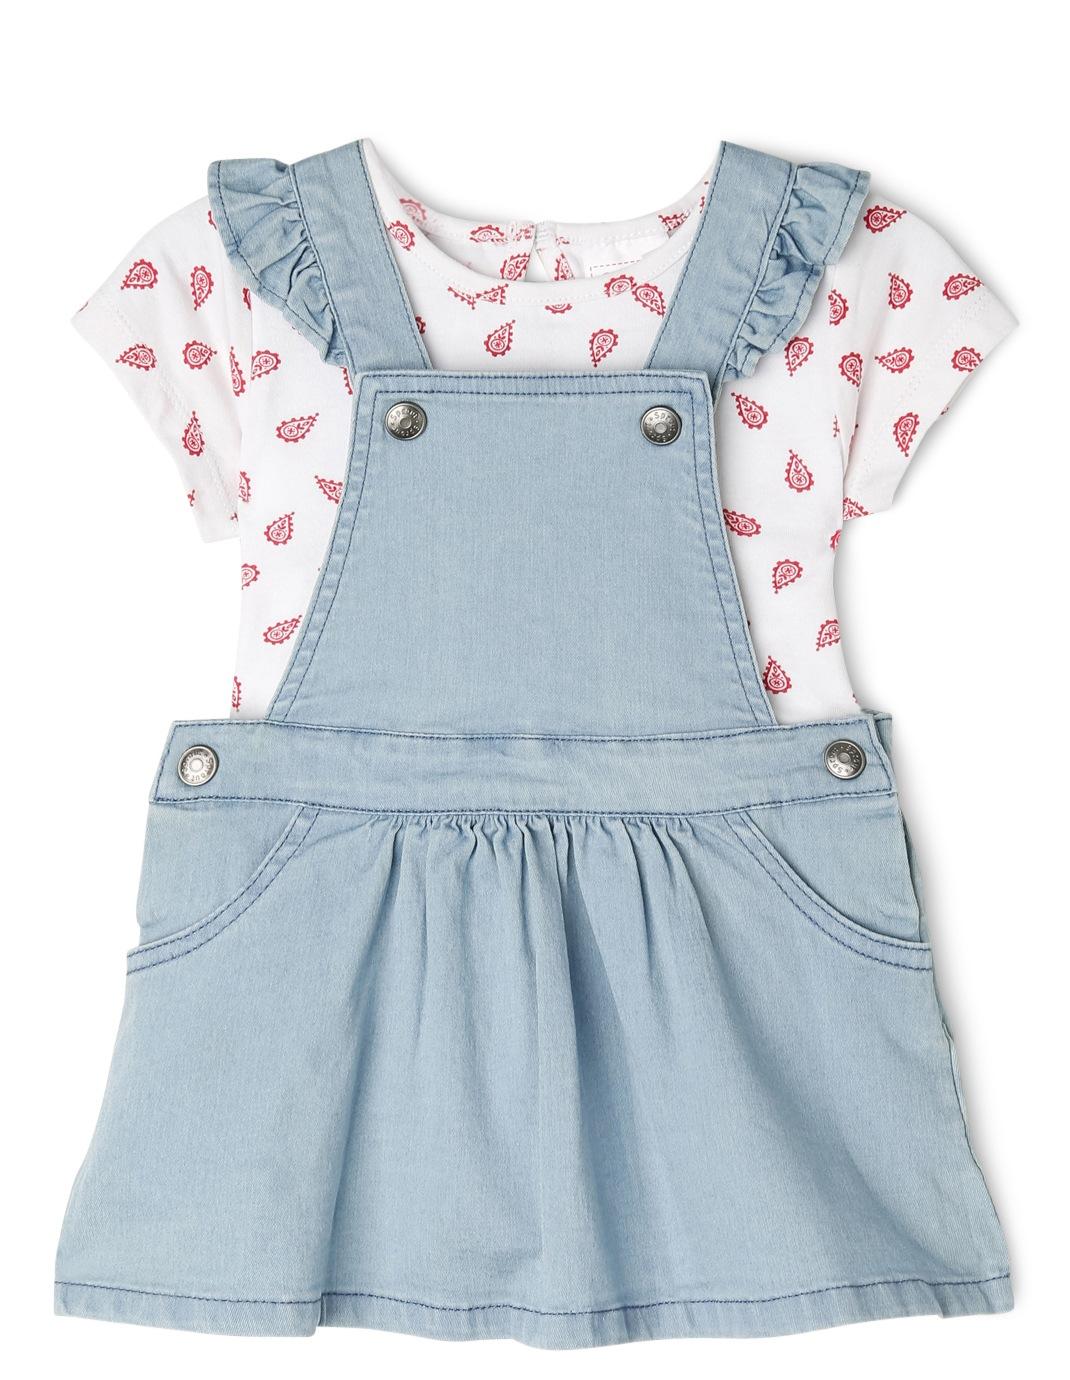 a8df8c961f5e Amazon.com  denim pinafore dress